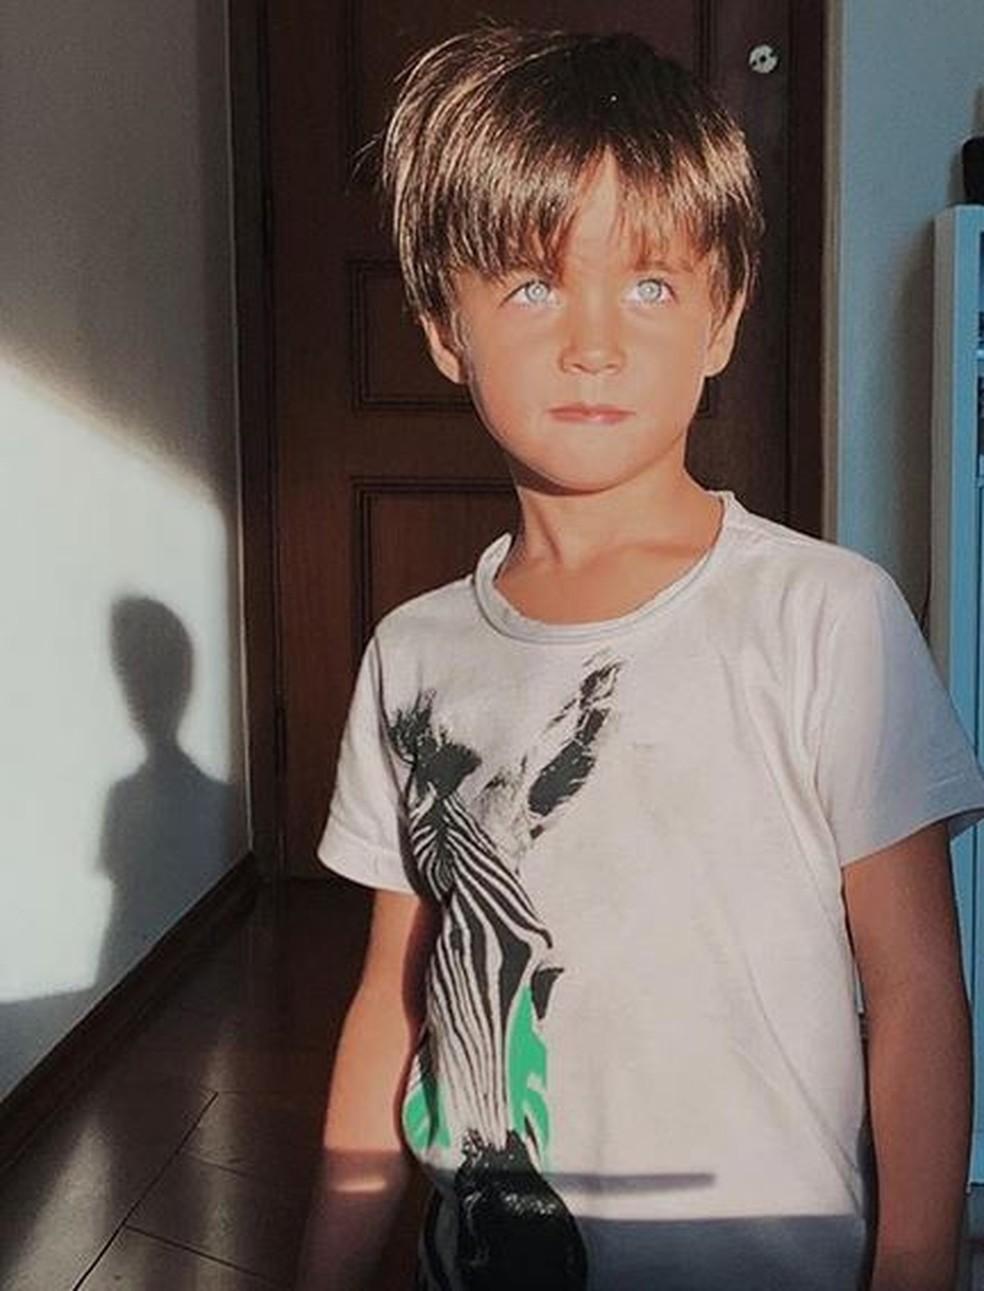 Paulo Ricardo publicou uma foto do seu filho, Luis Eduardo, nas redes sociais — Foto: Reprodução / Instagram